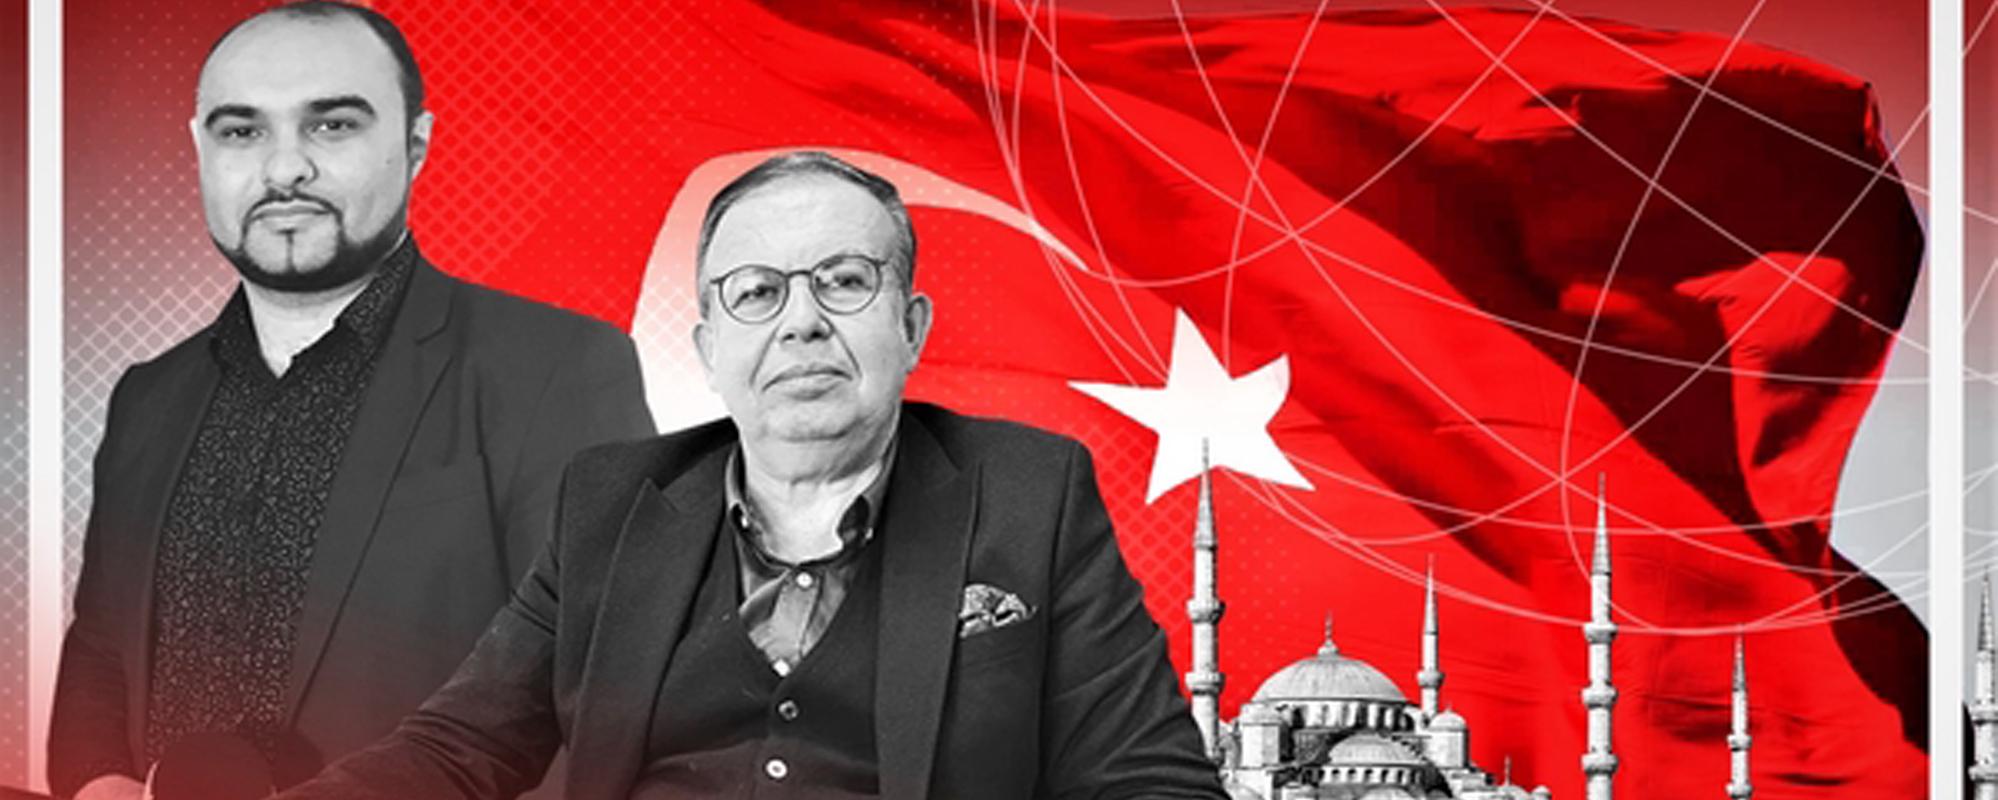 Турецкий эксперт: отношения с Россией не должны пострадать после встречи Эрдогана и Байдена